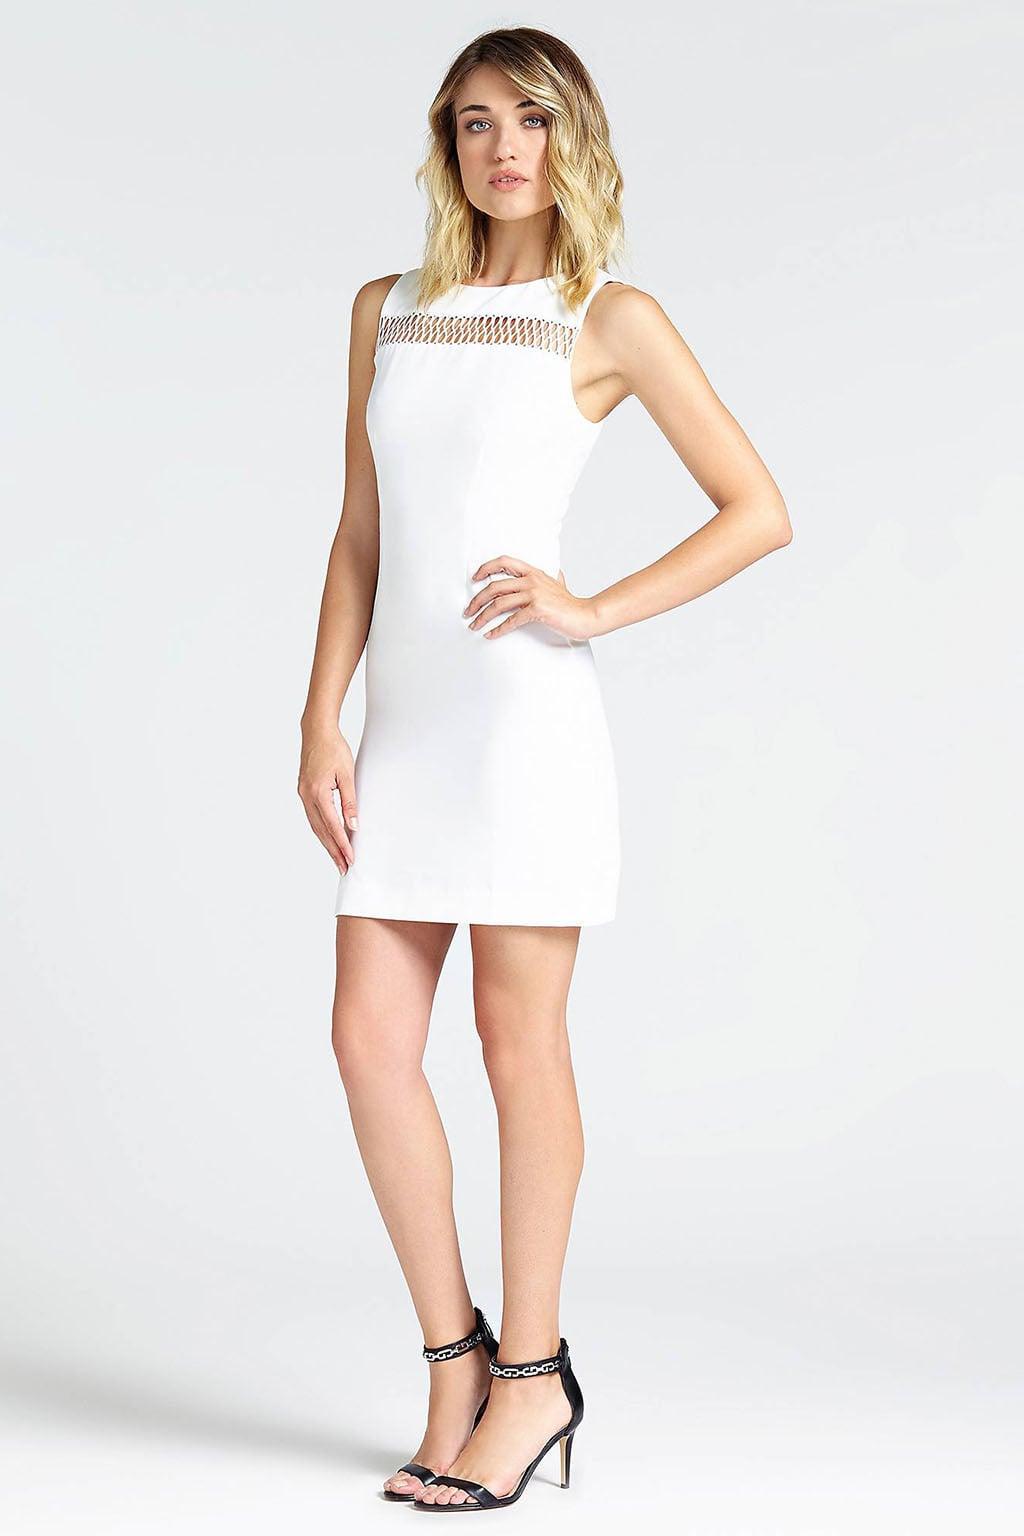 b8dd210f38fa69 Guess rosanna jurk wit koop je online bij Kellyjeans